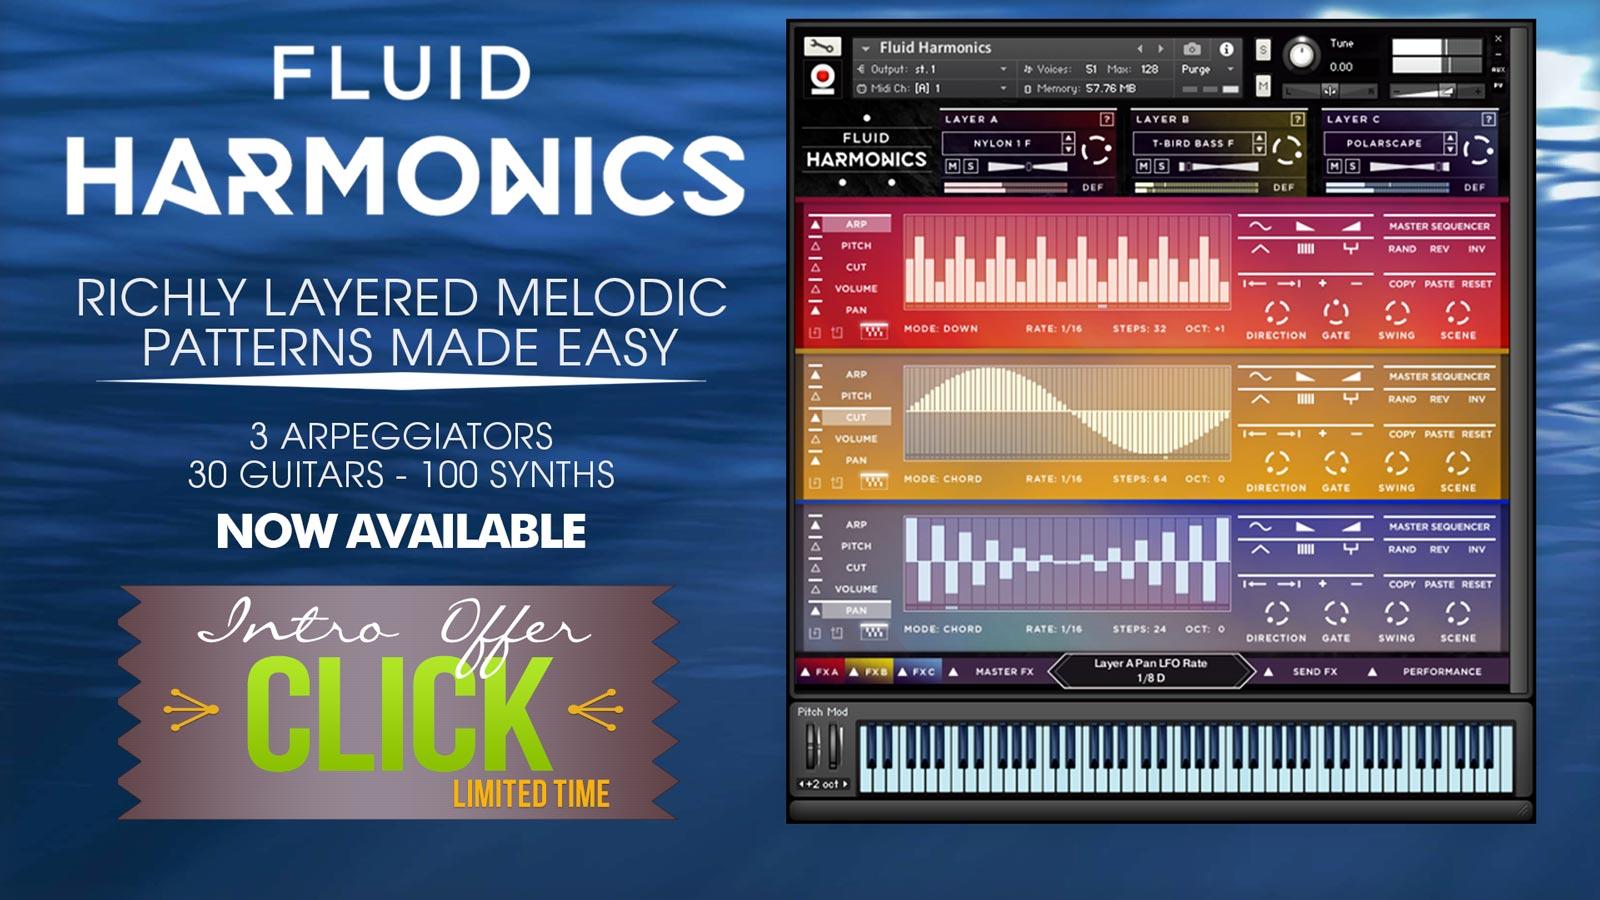 Fluid Harmonics is Here